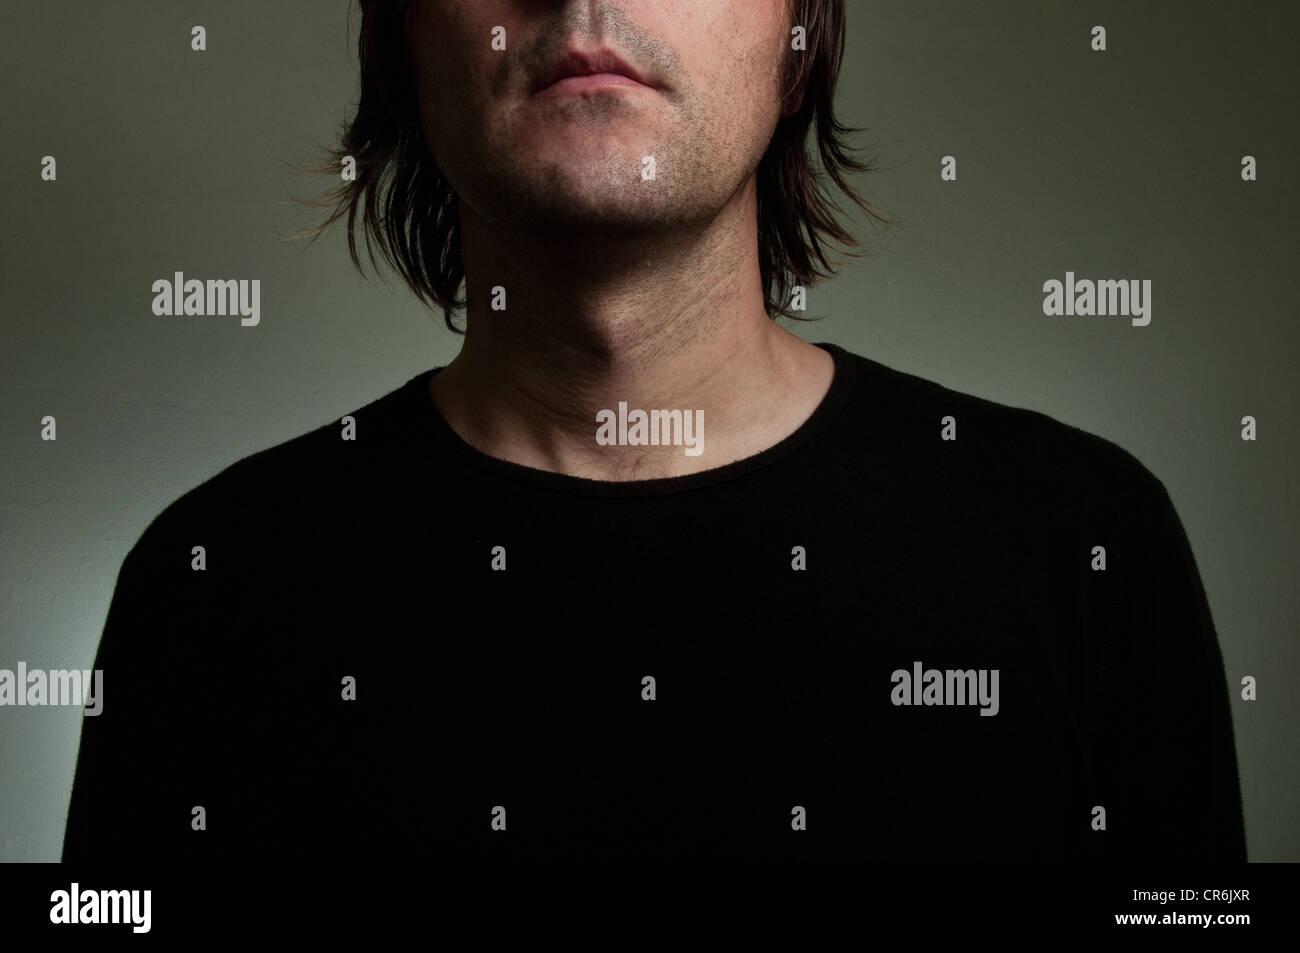 """Mann trägt ein schwarzes t-Shirt mit """"Unsicherheit"""" Titel auf seiner Brust. Schüchternheit, Stockbild"""